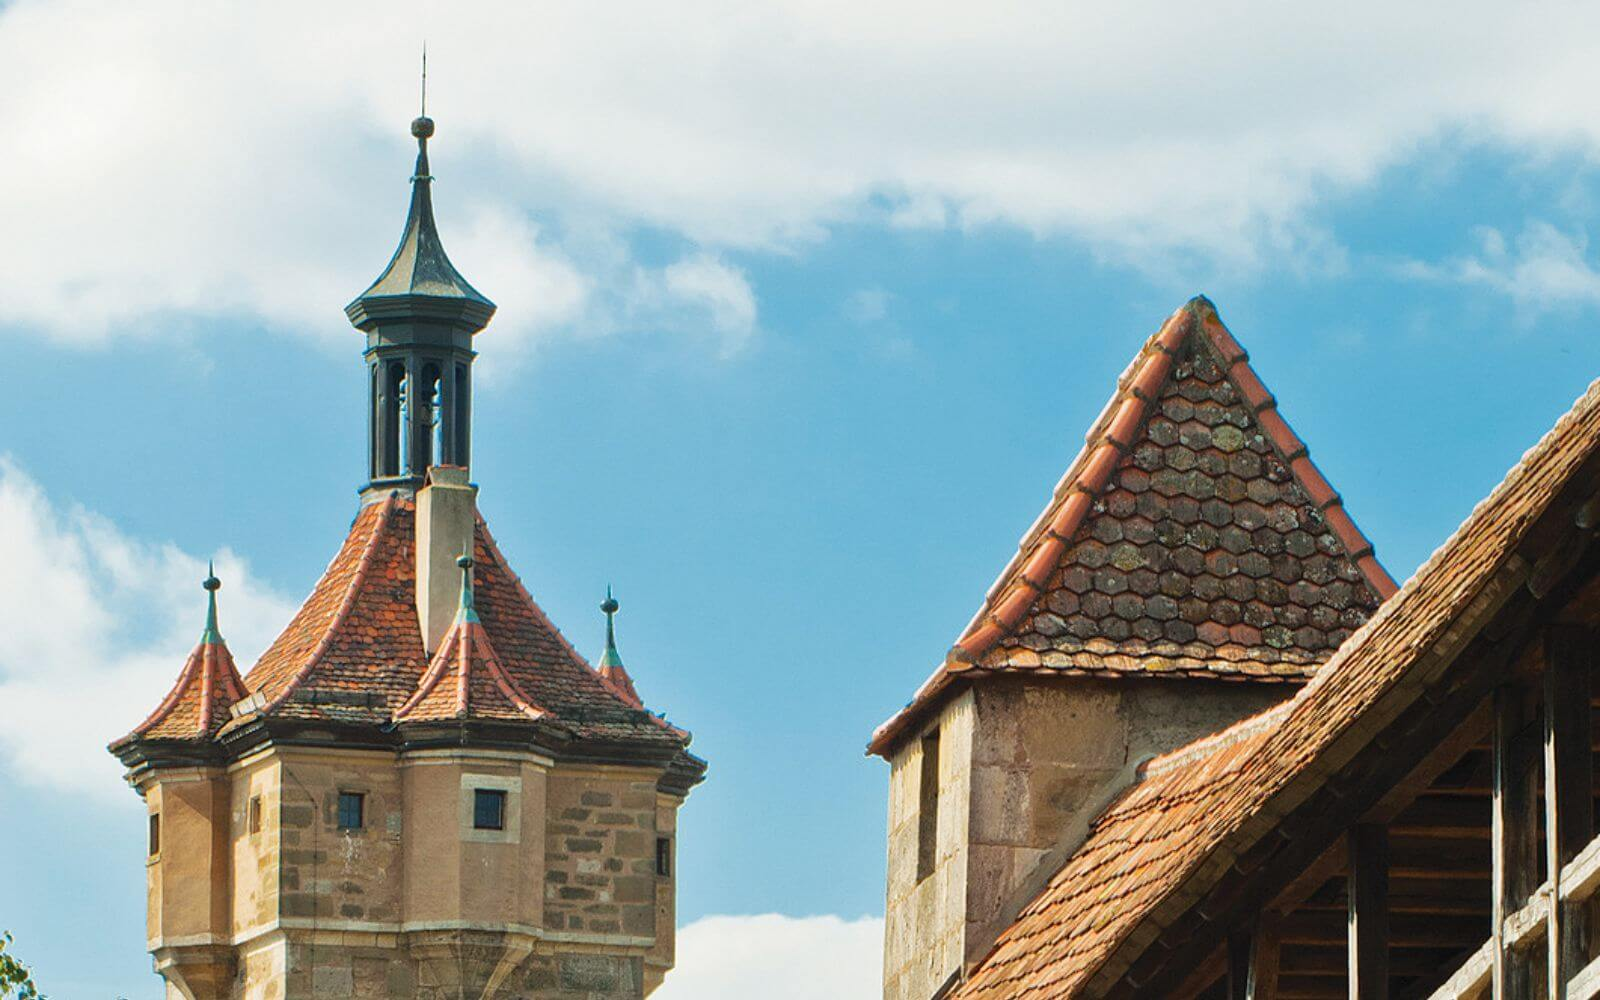 Rothenburg der Tauber